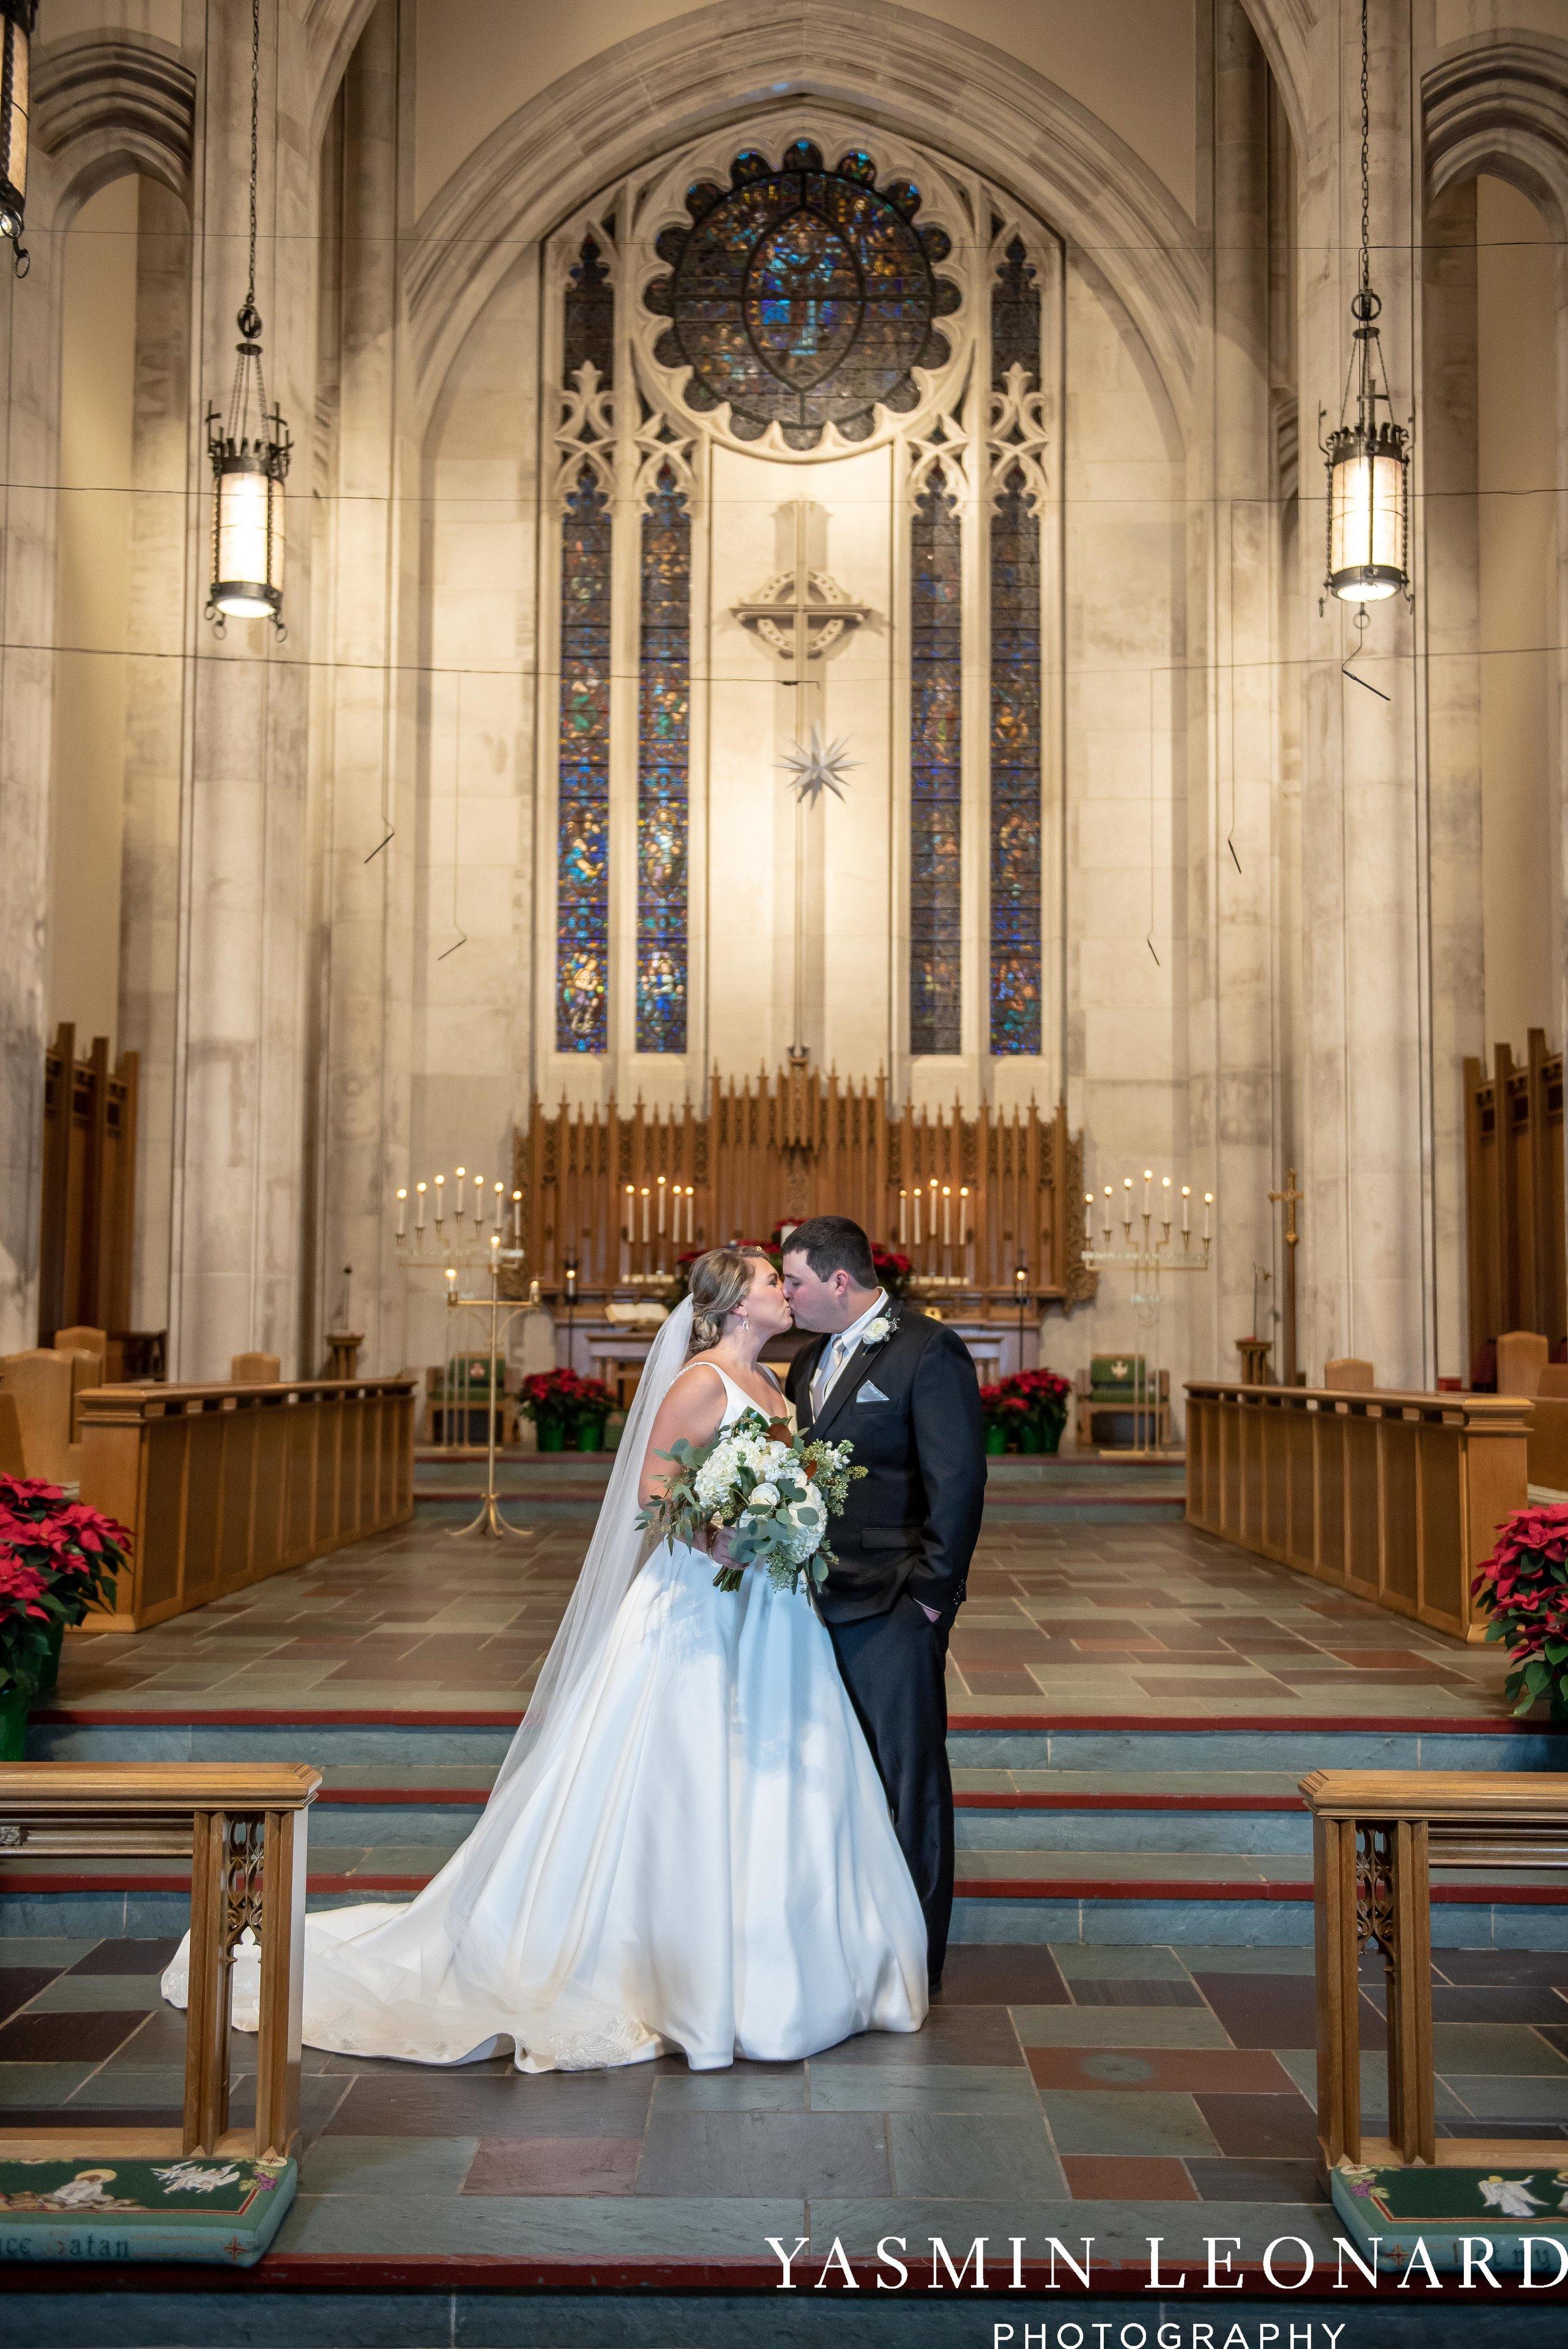 Adaumont Farm - Wesley Memorial Weddings - High Point Weddings - Just Priceless - NC Wedding Photographer - Yasmin Leonard Photography - High Point Wedding Vendors-41.jpg